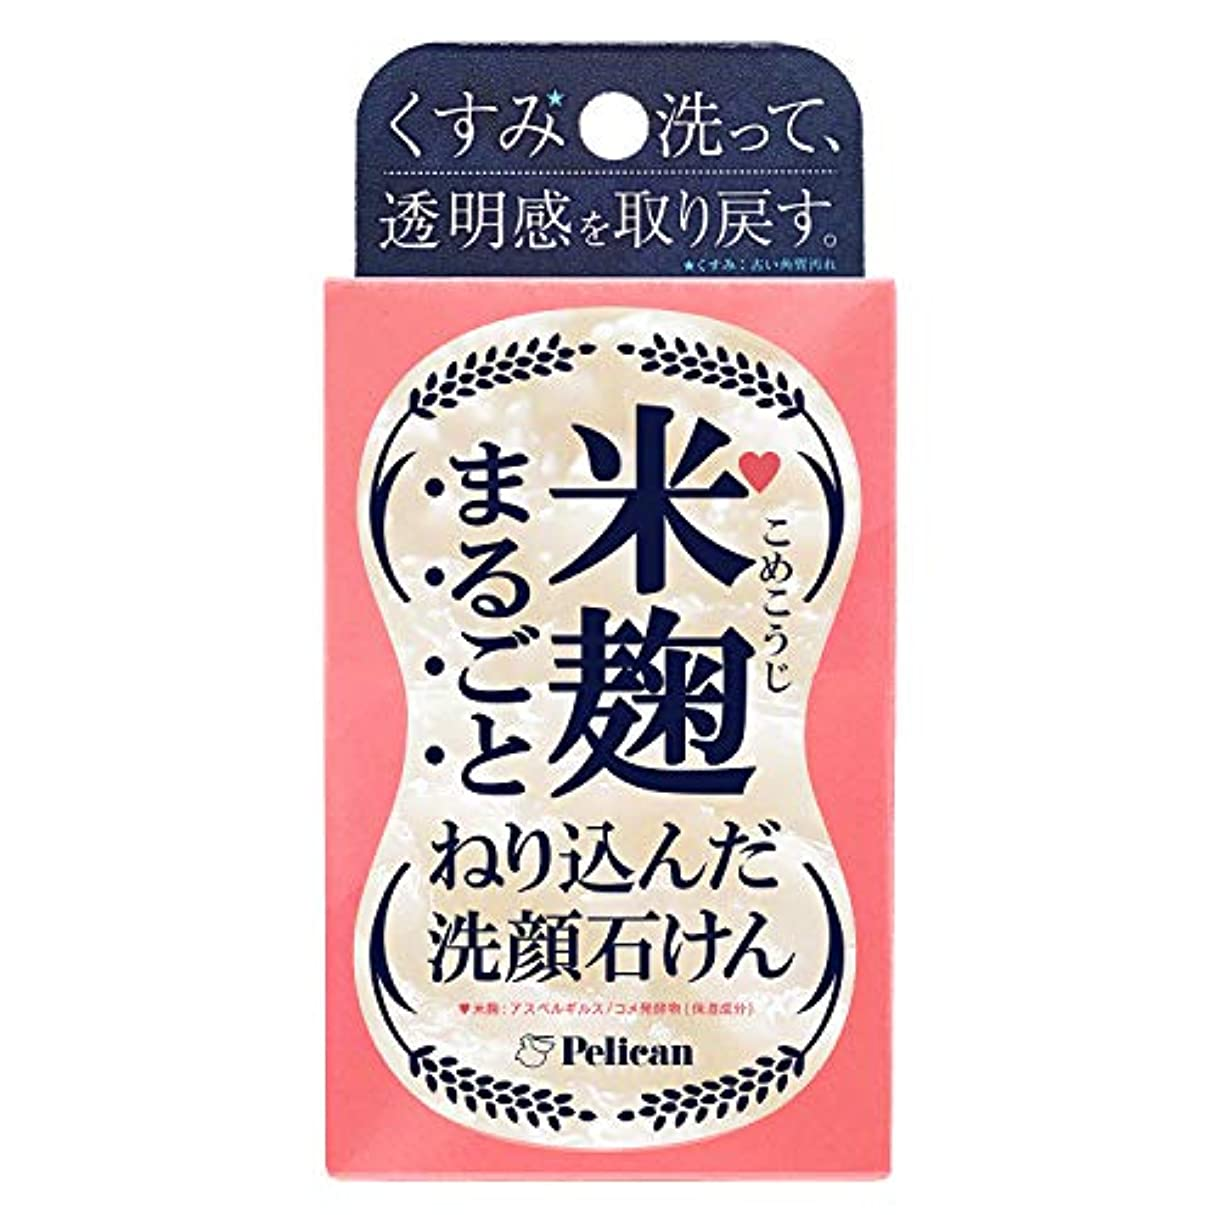 取るに足らない陽気なええ米麹まるごとねり込んだ洗顔石けん 75g